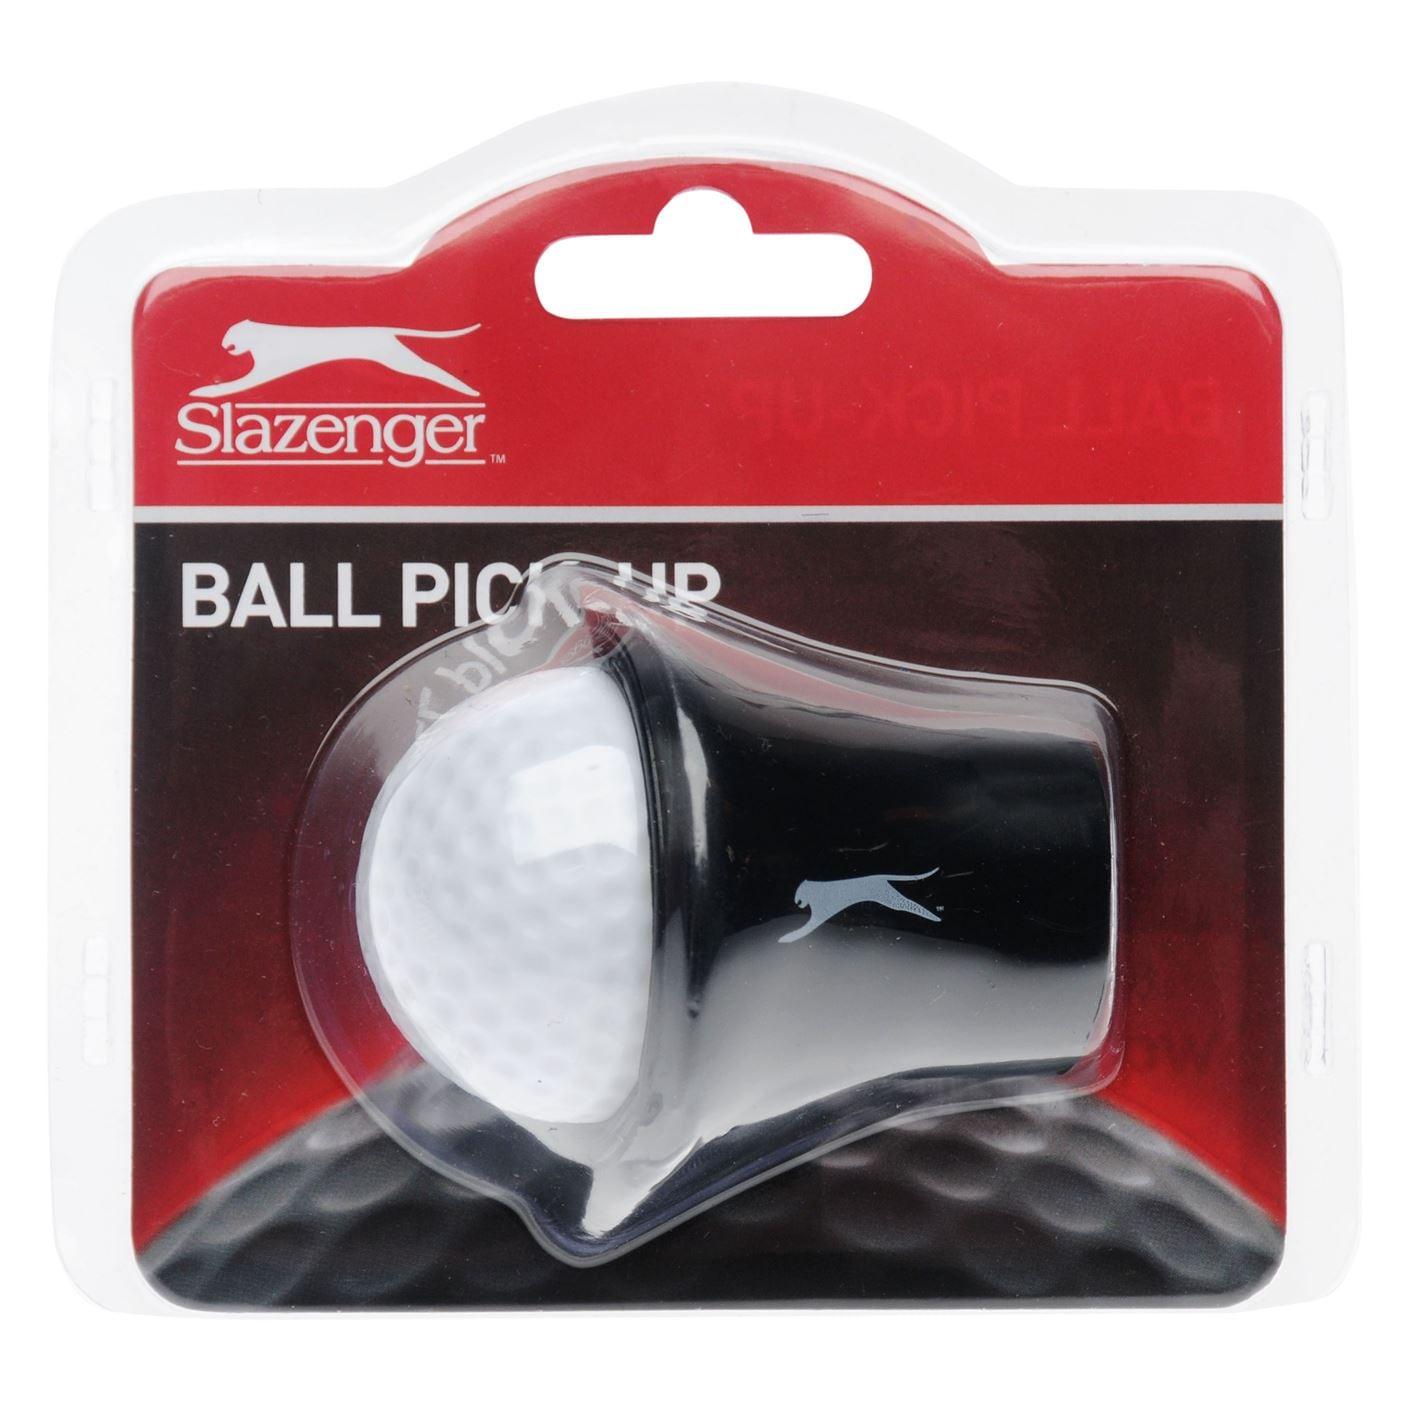 Slazenger Ball Pick Up